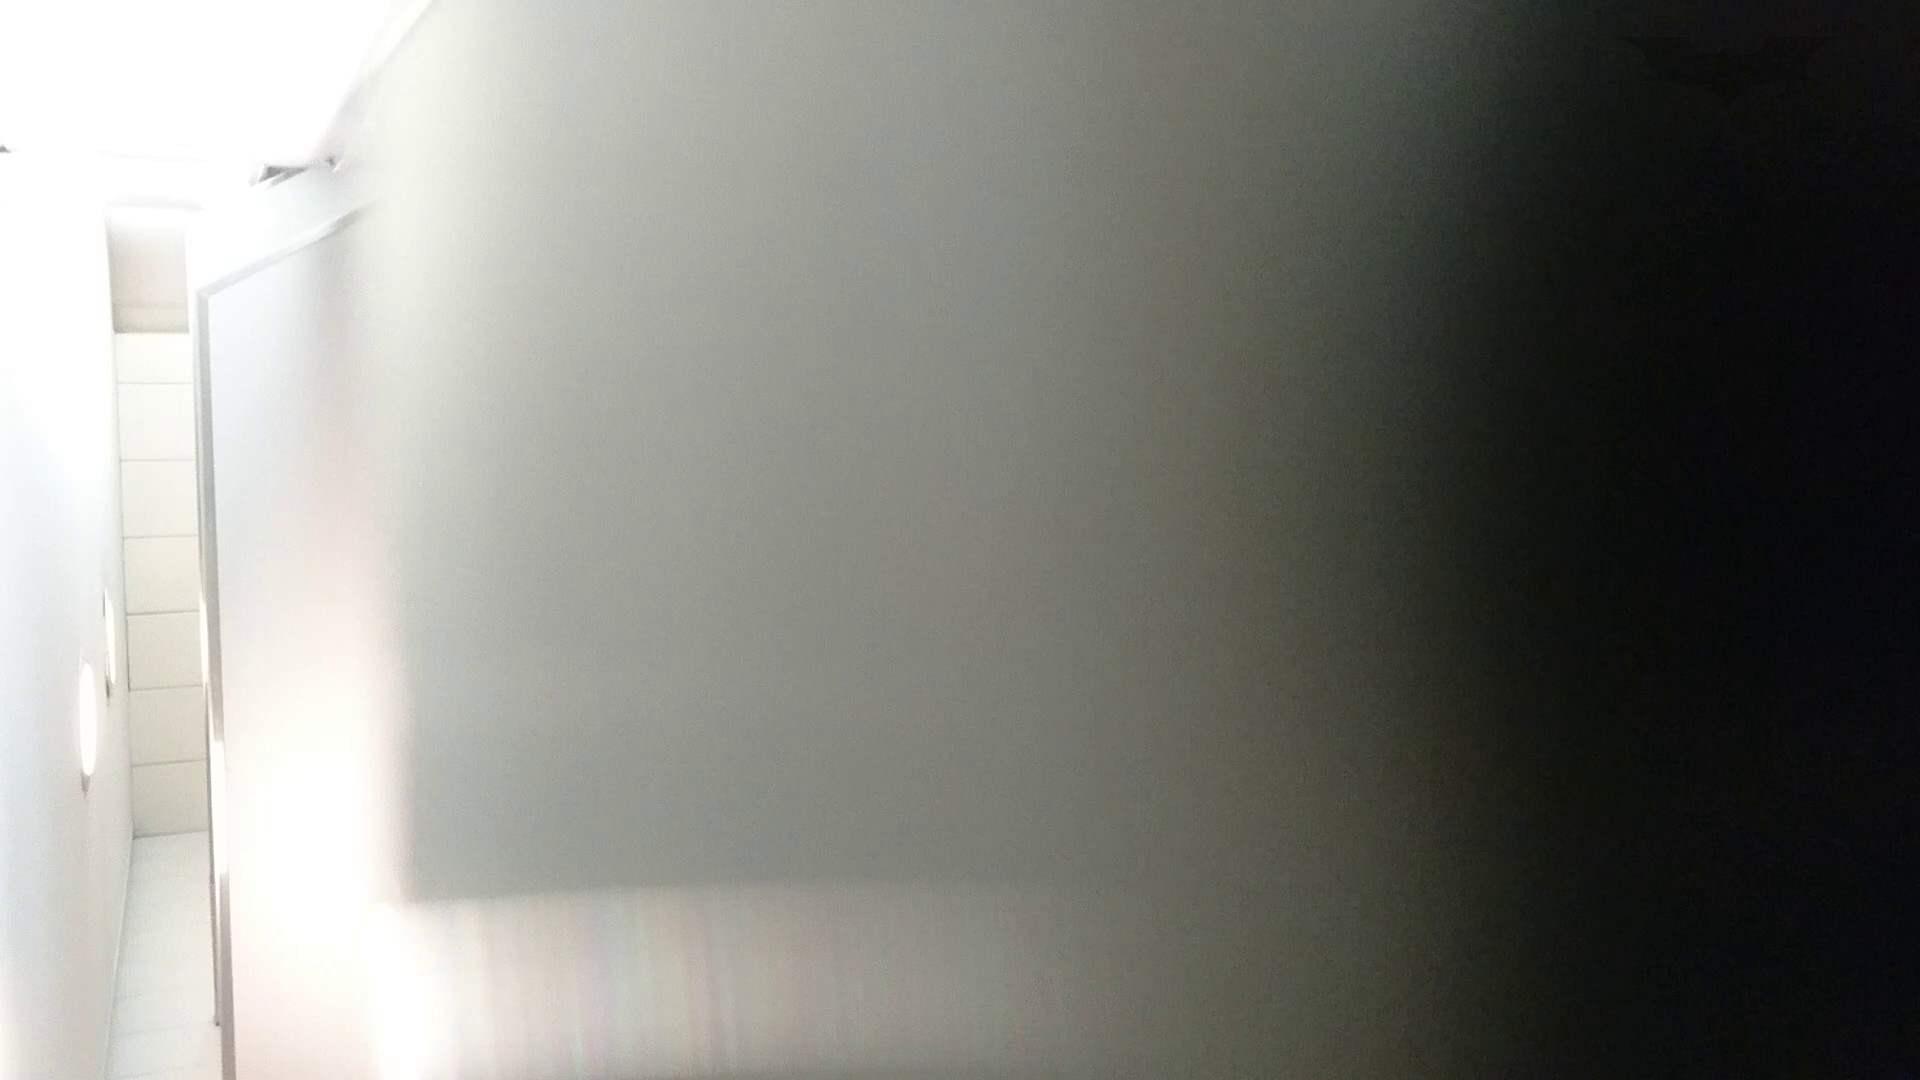 化粧室絵巻 ショッピングモール編 VOL.15 むっちりガール SEX無修正画像 107枚 15